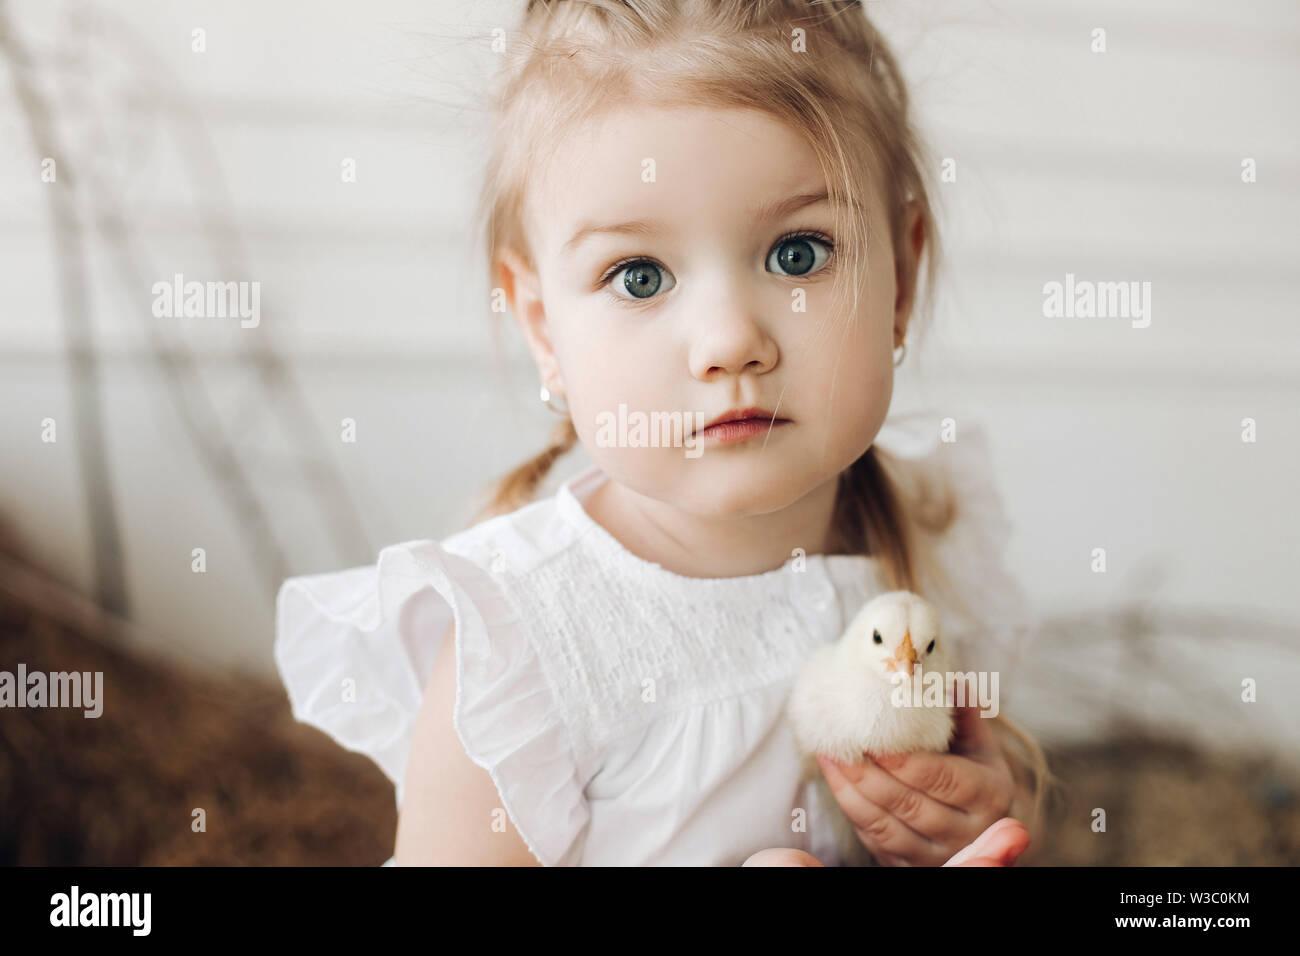 Bella ragazza con grandi occhi più belli mantenendo piccolo pulcino Foto Stock